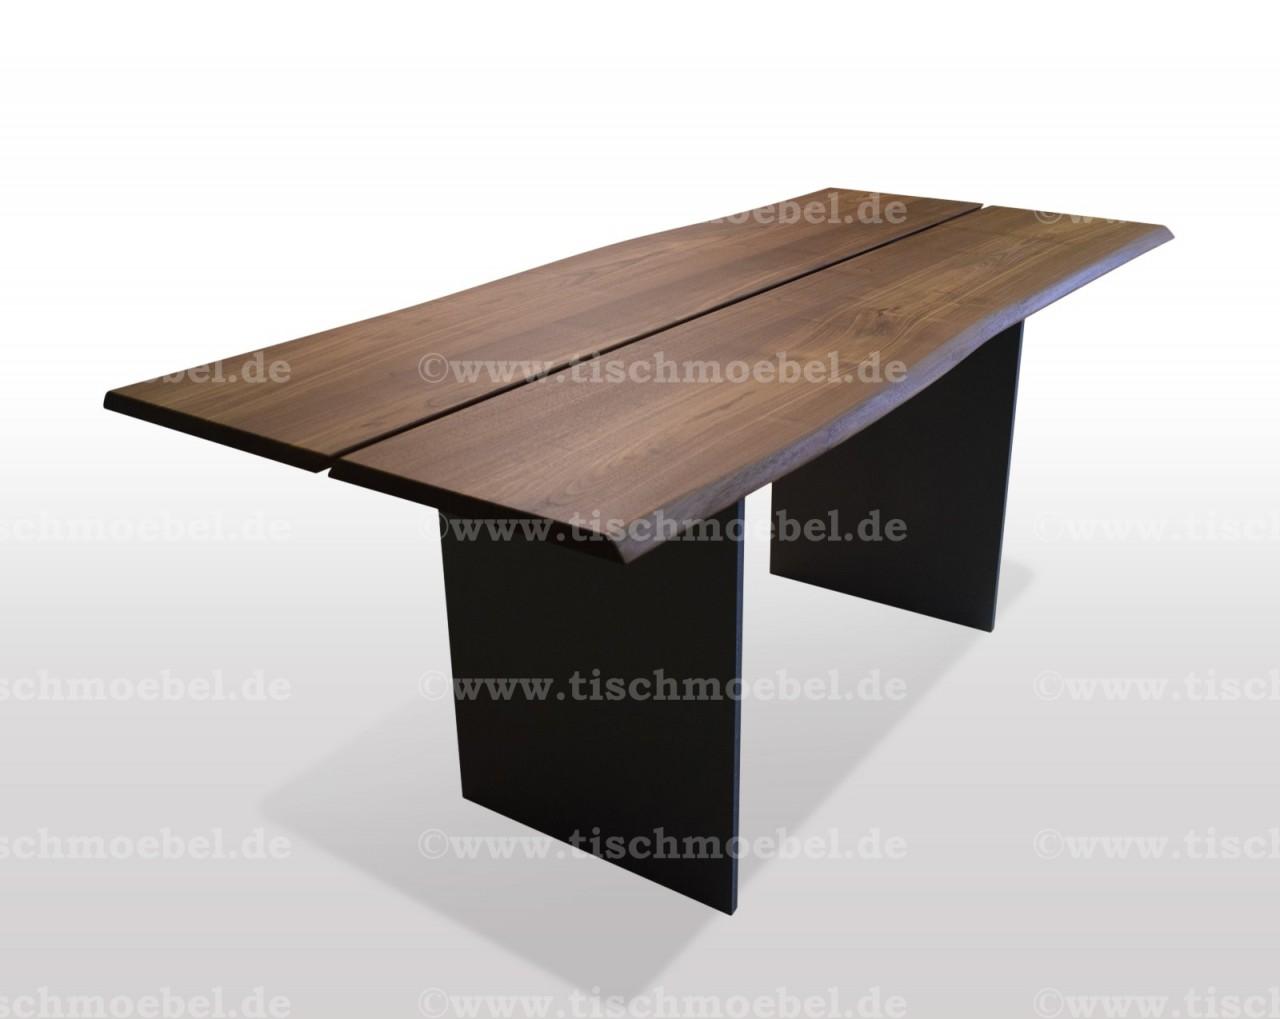 Tisch Nussbaum Mit Baumkante 160 X 80 Cm Schwarzstahl Tischmoebelde